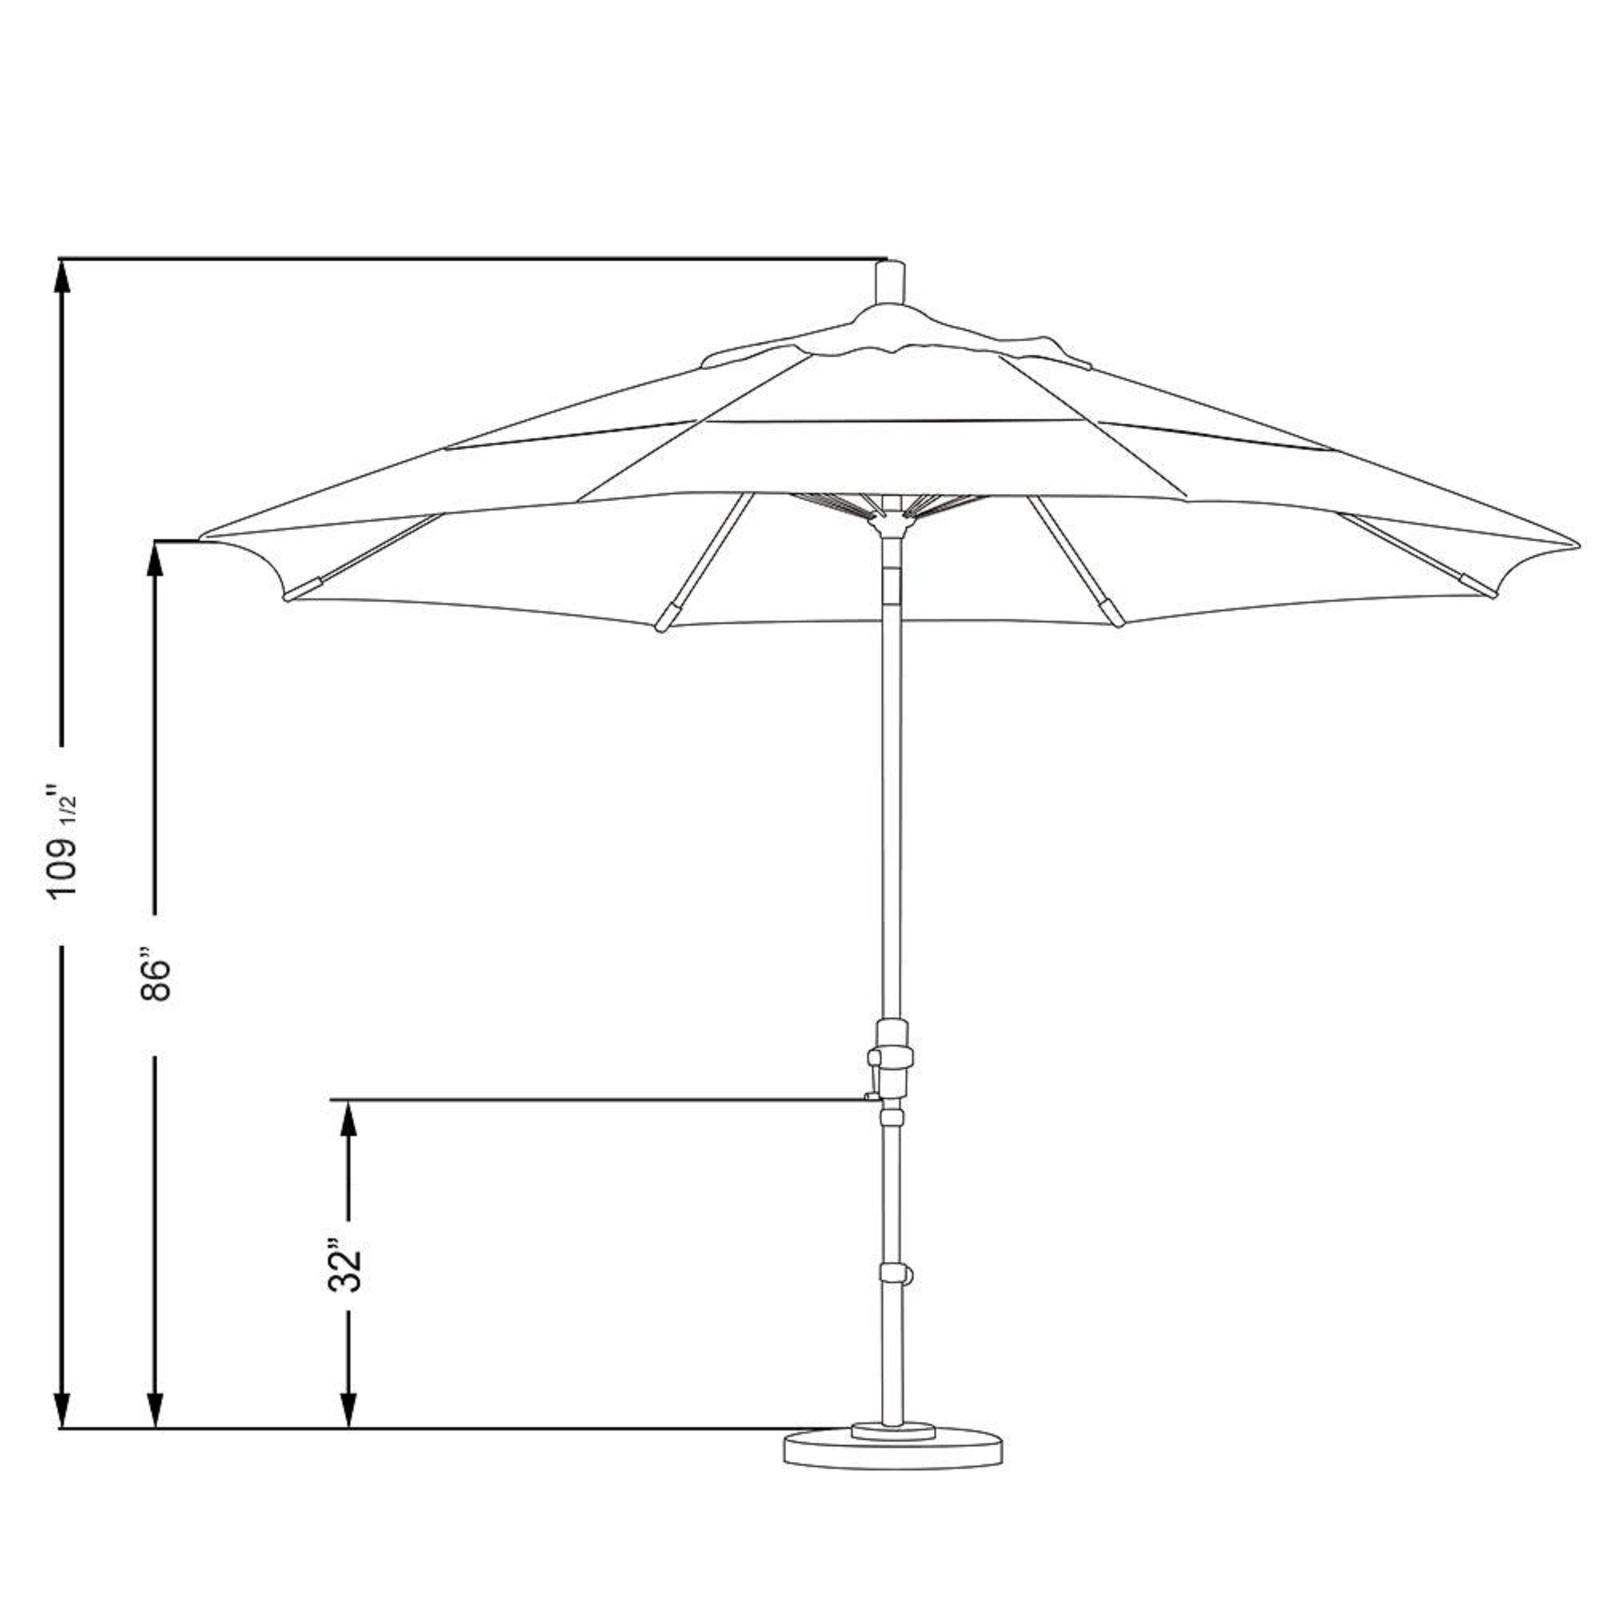 Outdoor Umbrella Shade 11 ft Fiberglass Collar Tilt Double Vented Unique Octagon